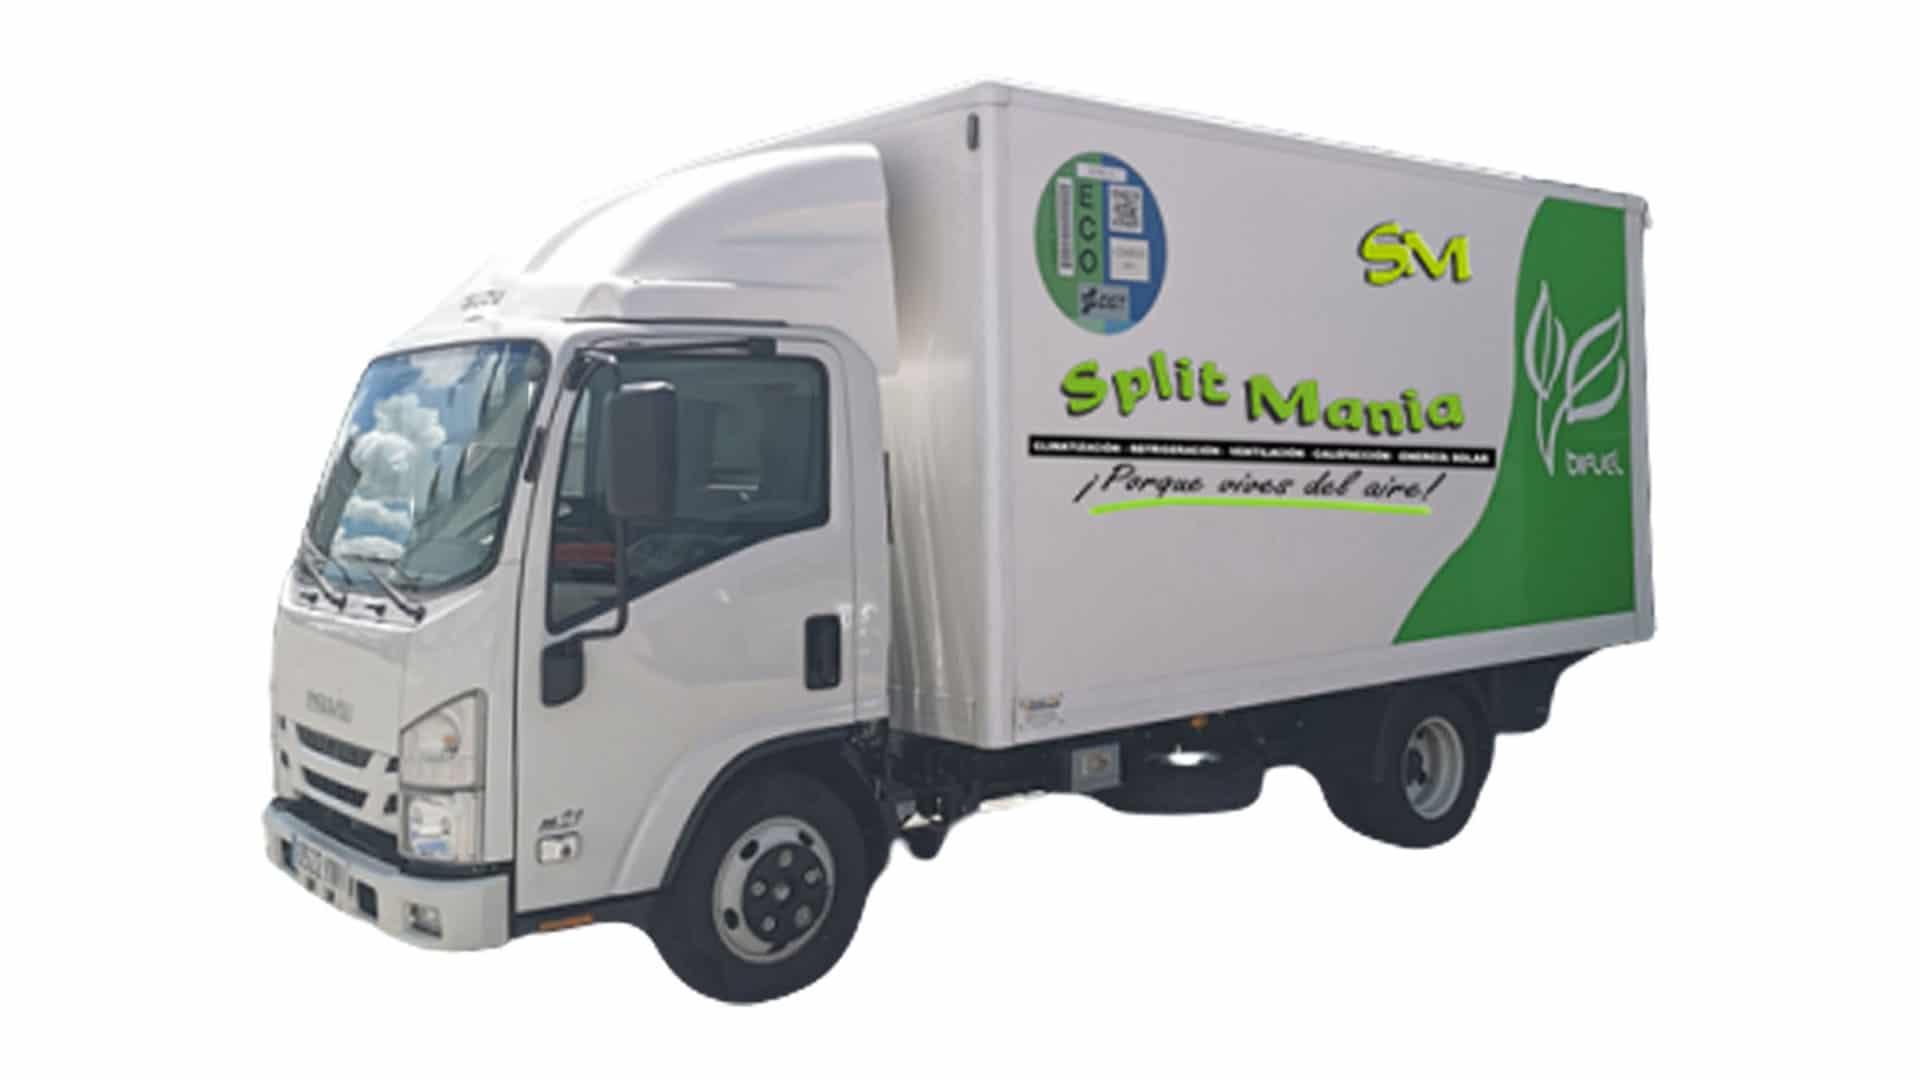 Hibridación diésel/GLP de Isuzu M21 Euro VI para Splitmanía. Conoce más detalles sobre la hibridacion diésel/GLP de BeGas o solicita presupuesto.